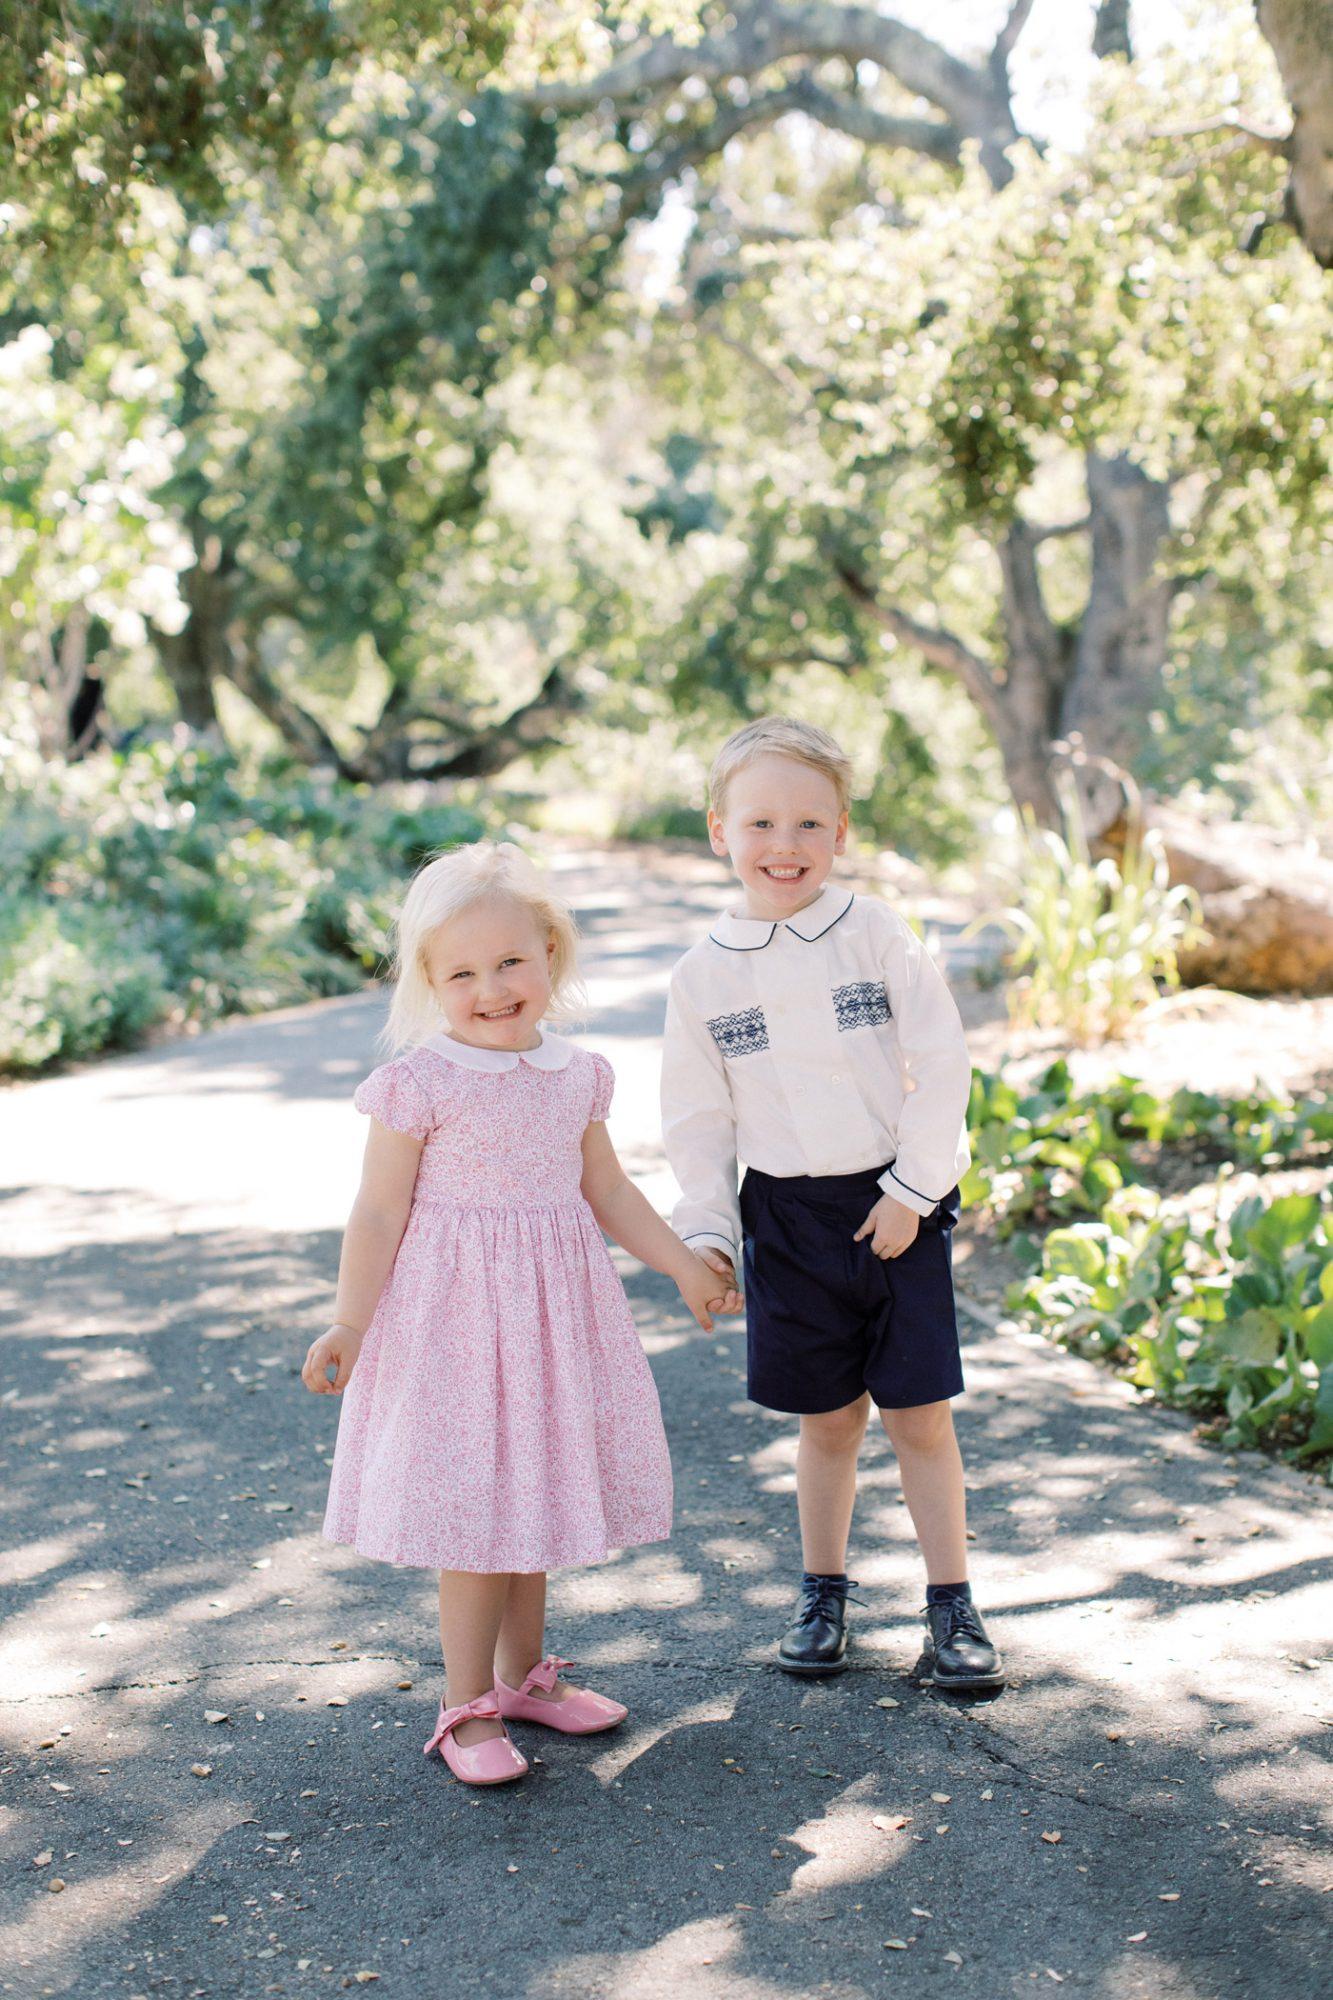 flower girl and ring bearer portrait holding hands outside